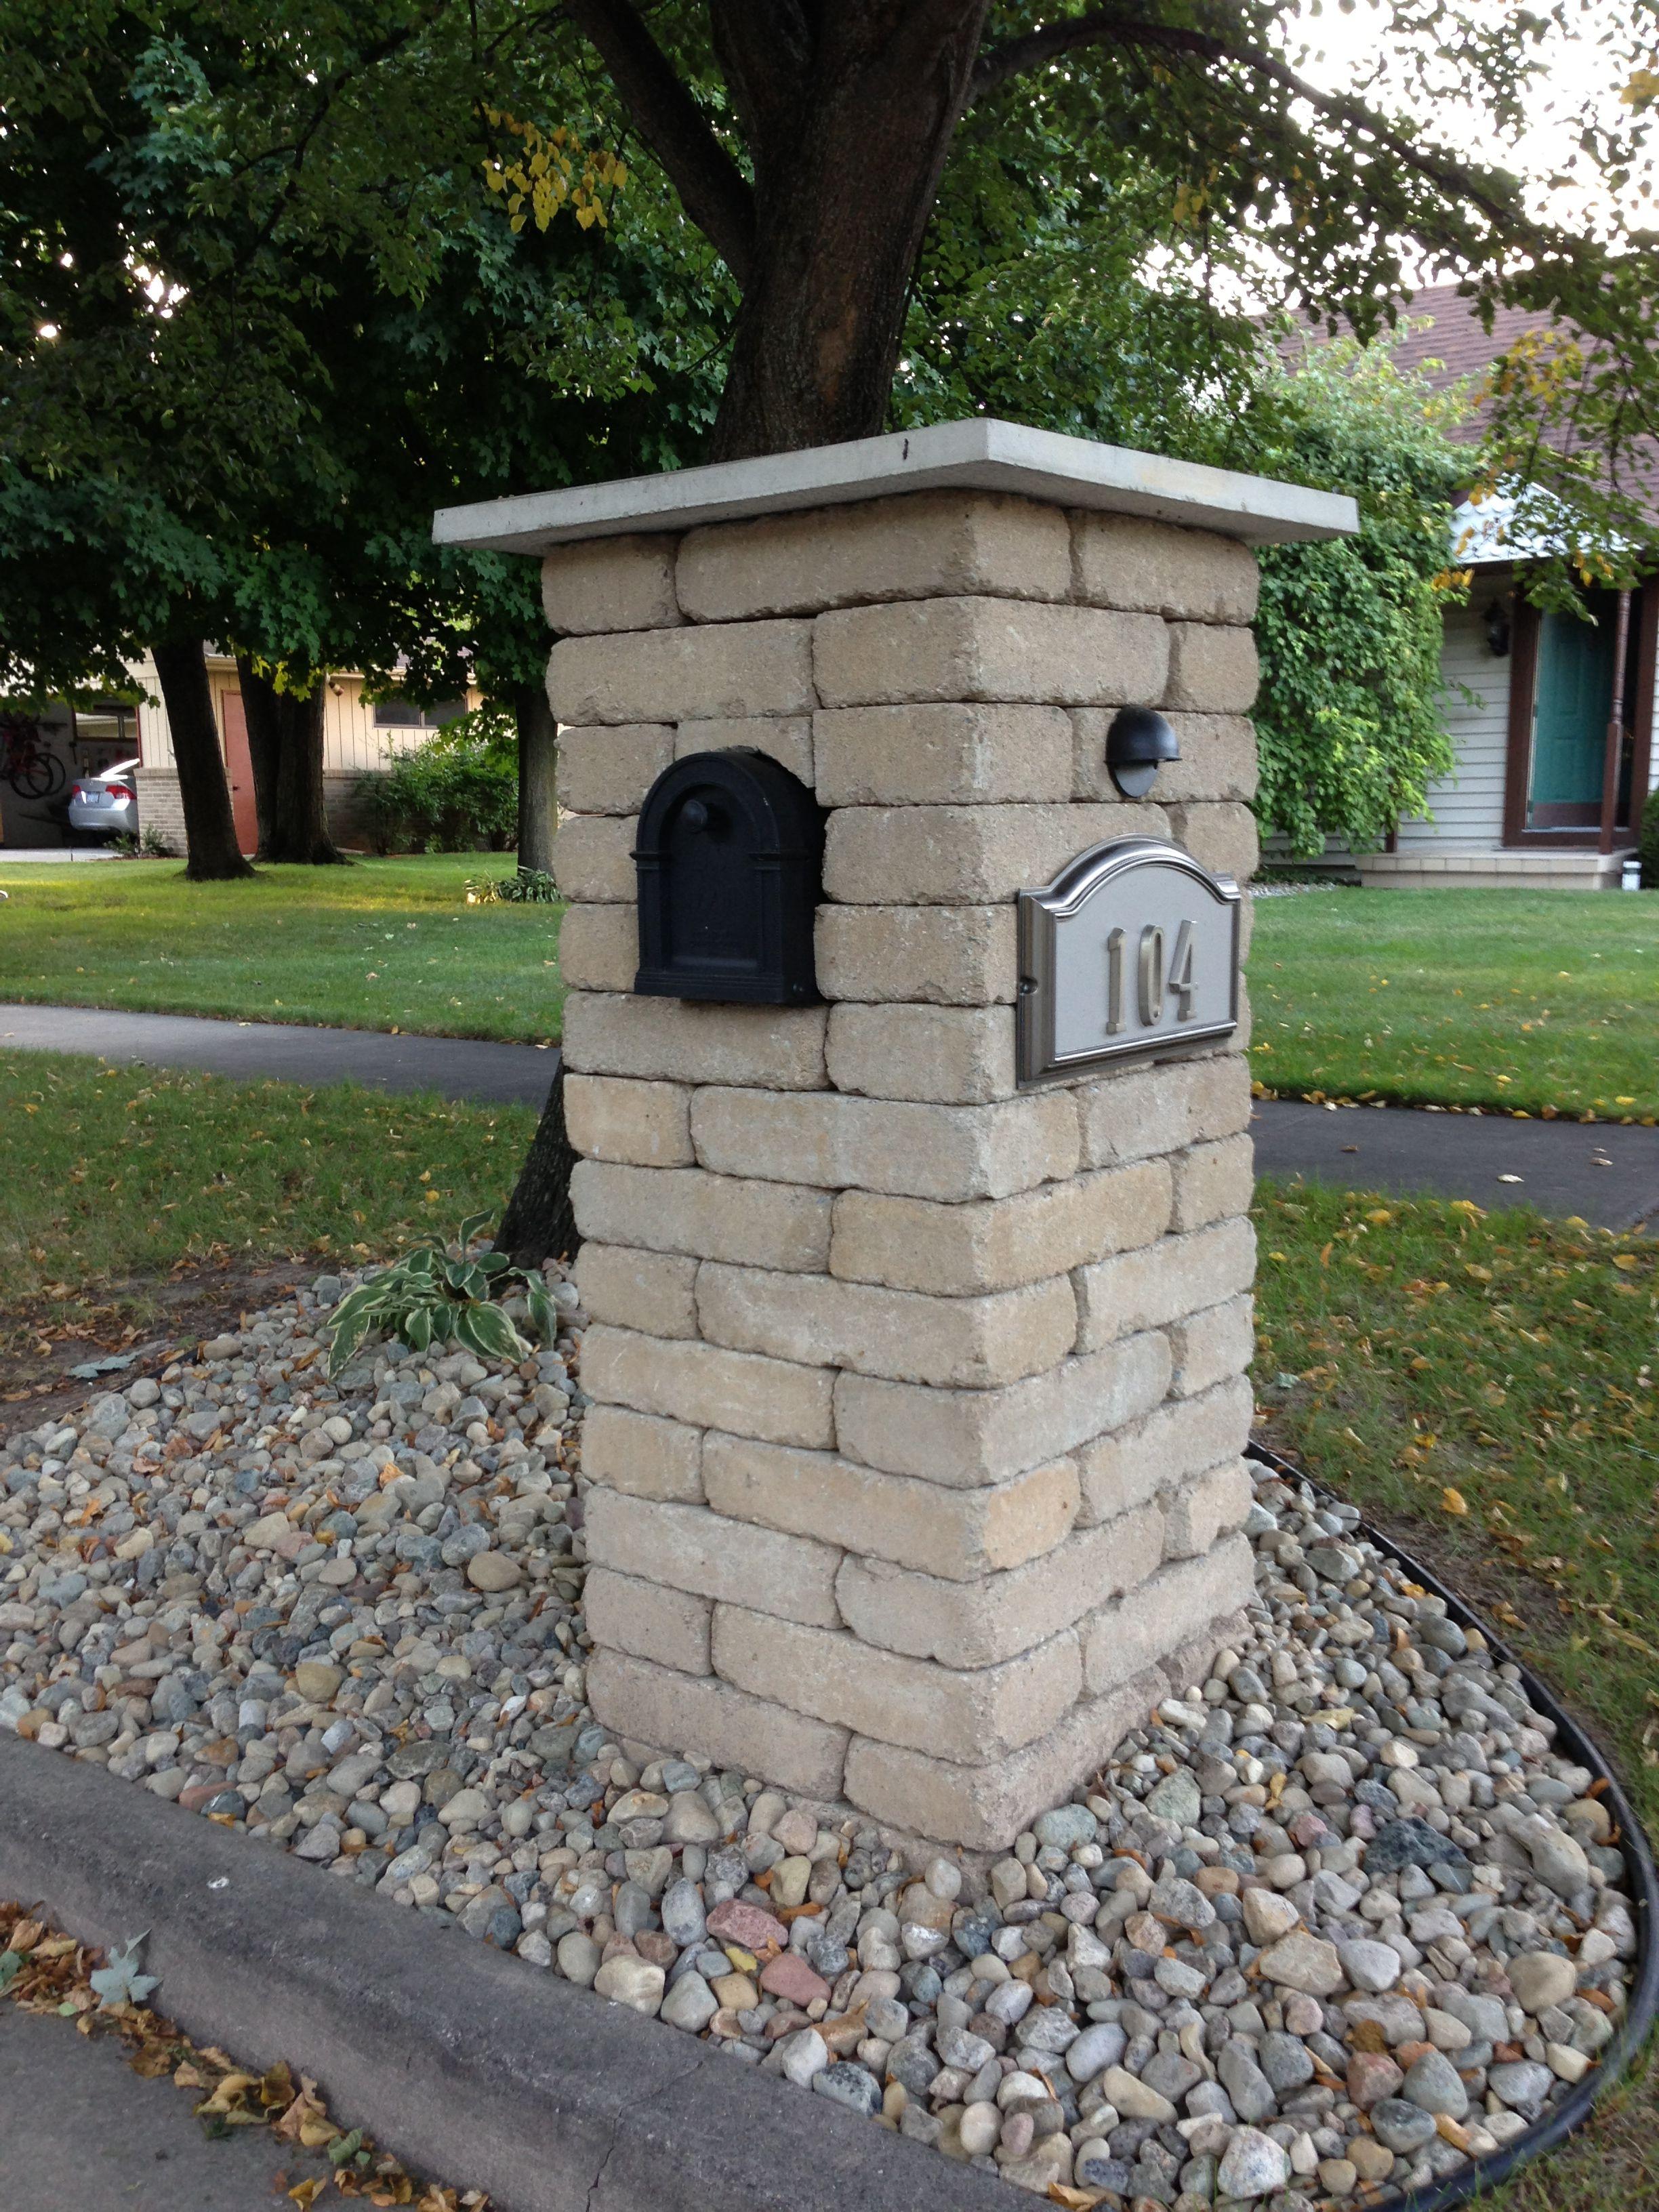 Brick Mailbox Georgeb Brick Mailbox Mailbox 400 x 300